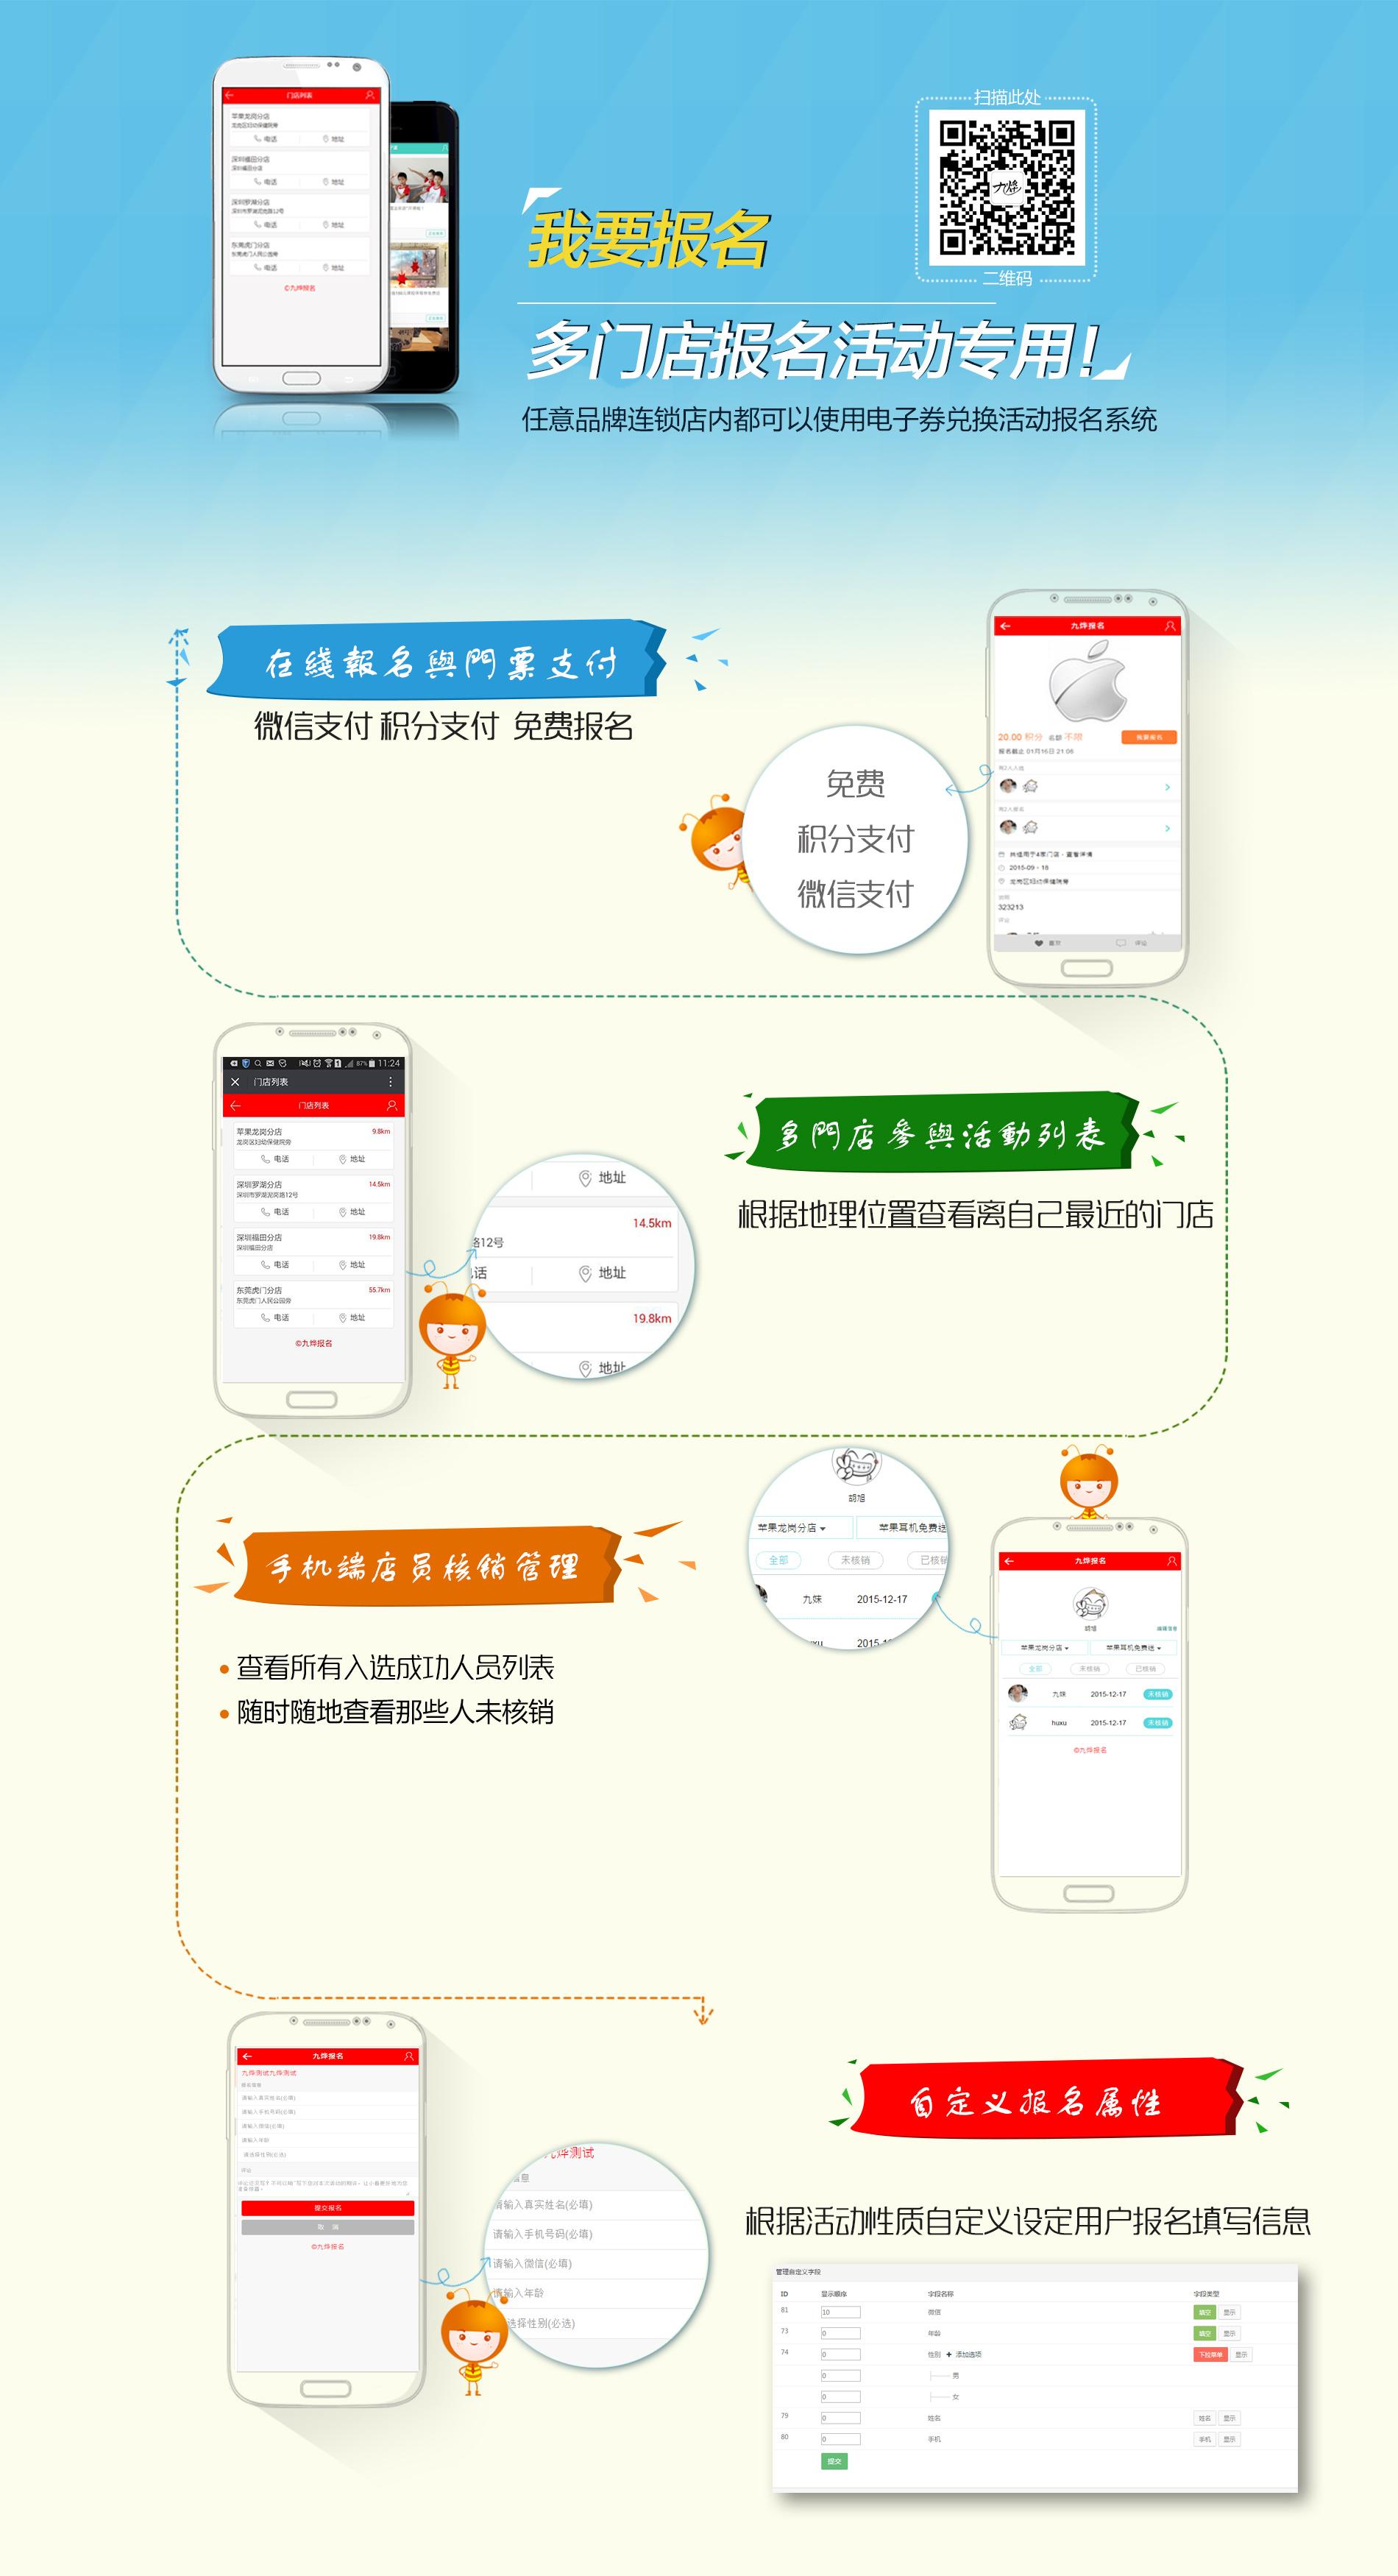 微信运营代理,营销代理,微信会员卡,微信支付代理,会员管理系统,微信代理,pos代理,收银代理,生活o2o,o2o,微信营销,收银系统,微信公众平台源码,微信分销,微信o2o源码,微信营销,微信商城,微信三级分销